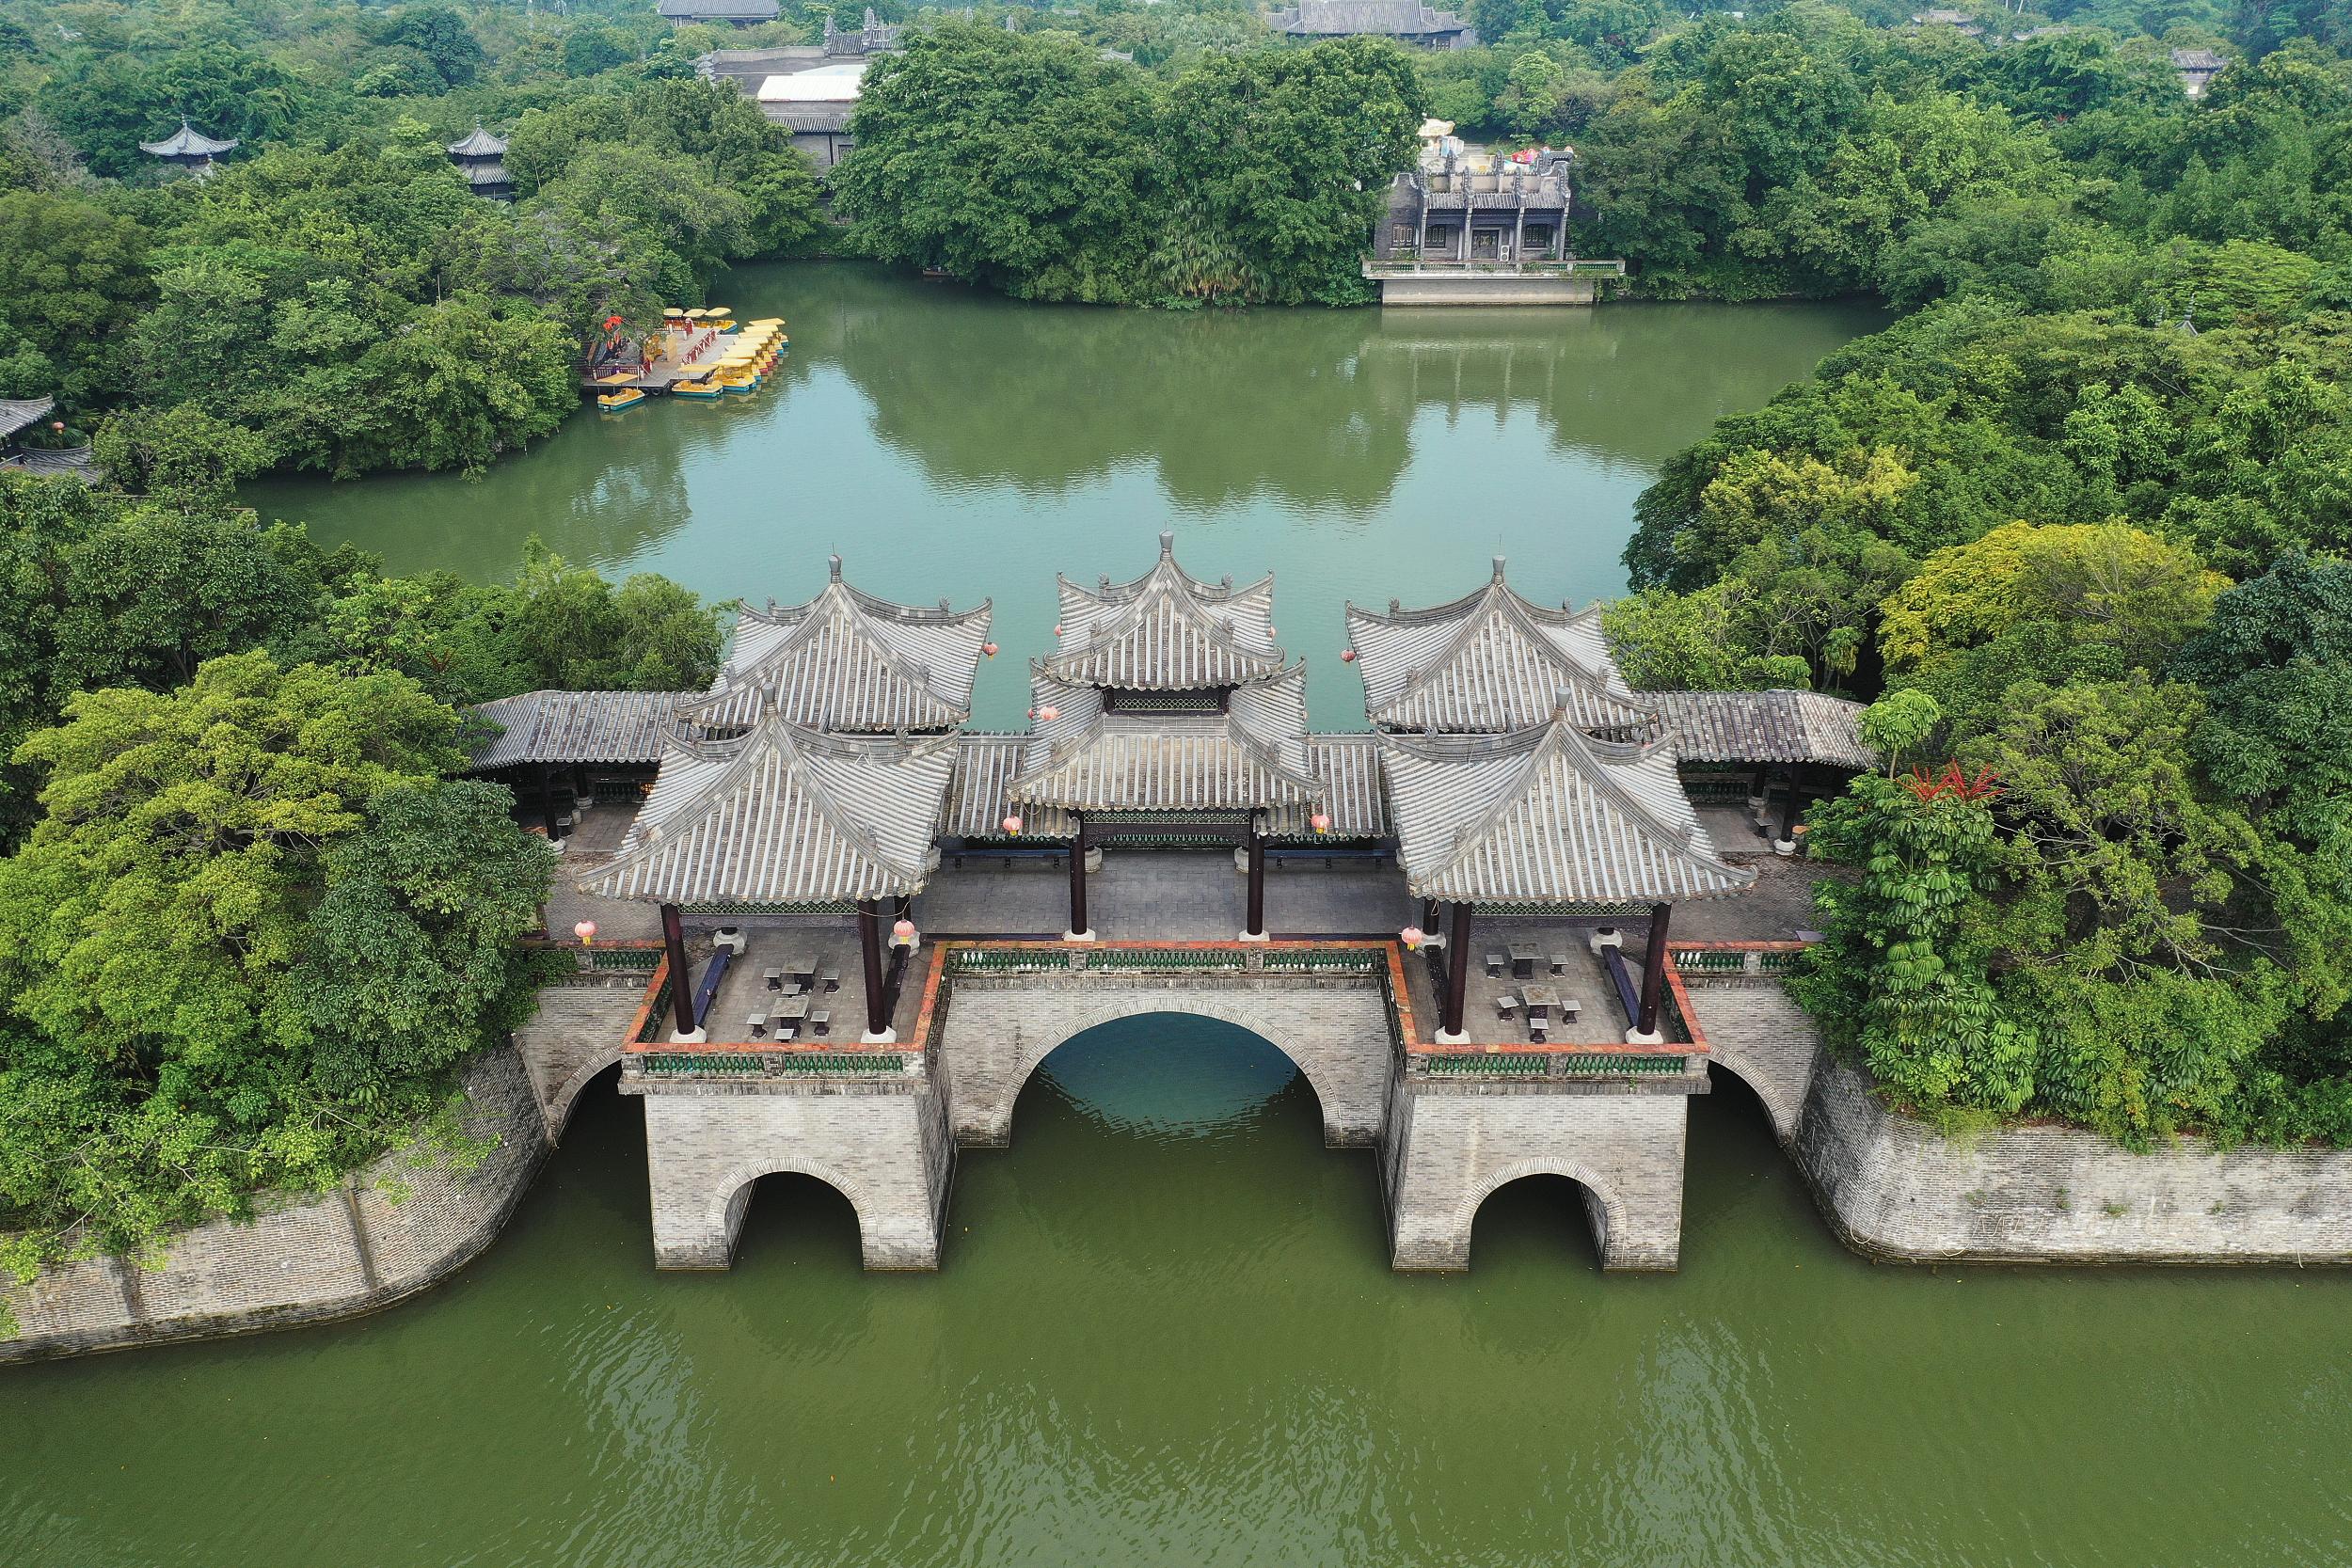 Yuehuiyuan